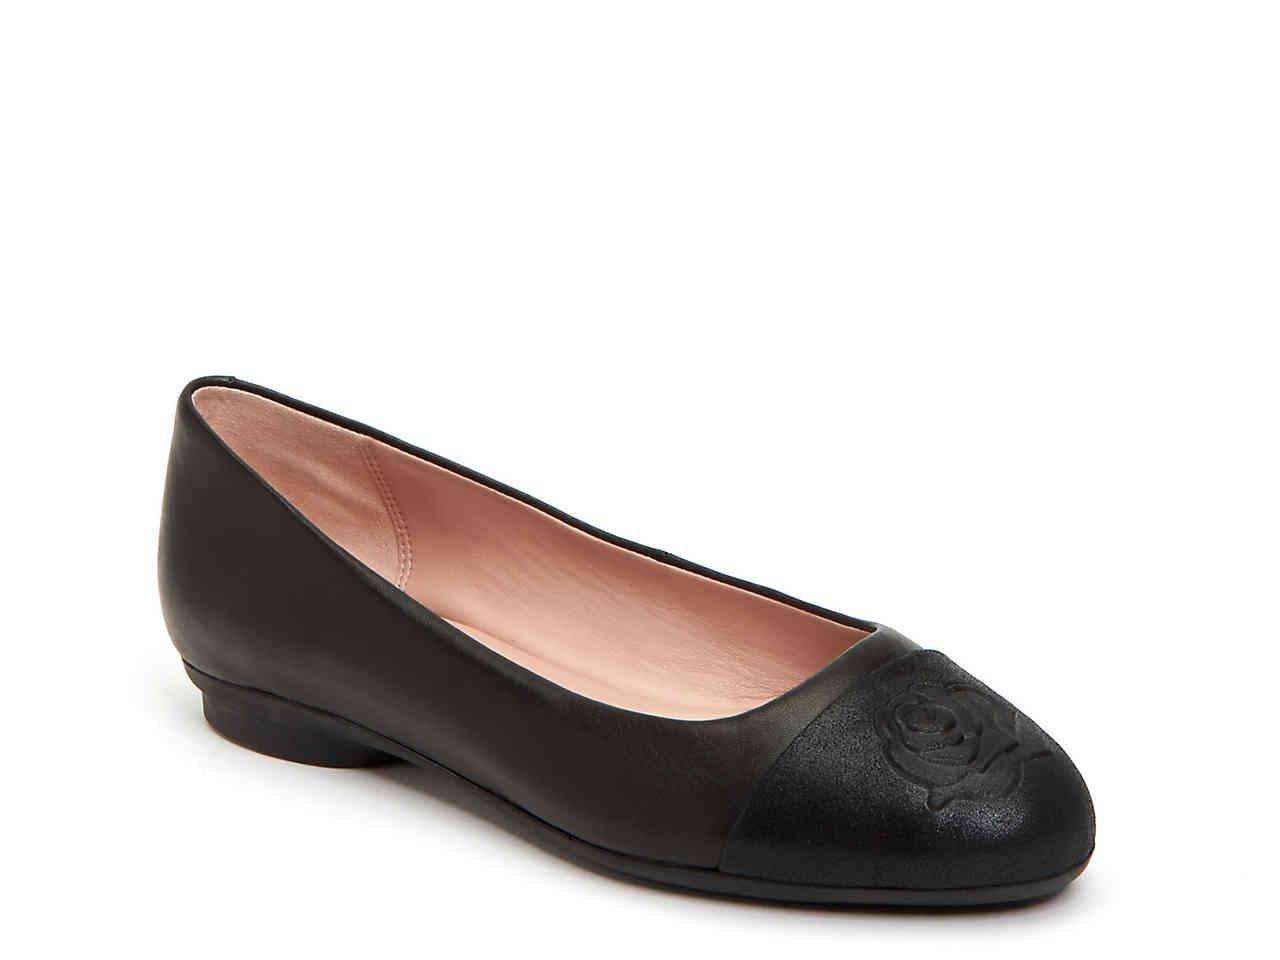 bdae2e52fc5c Lyst - Taryn Rose Annabella Ballet Flat in Black